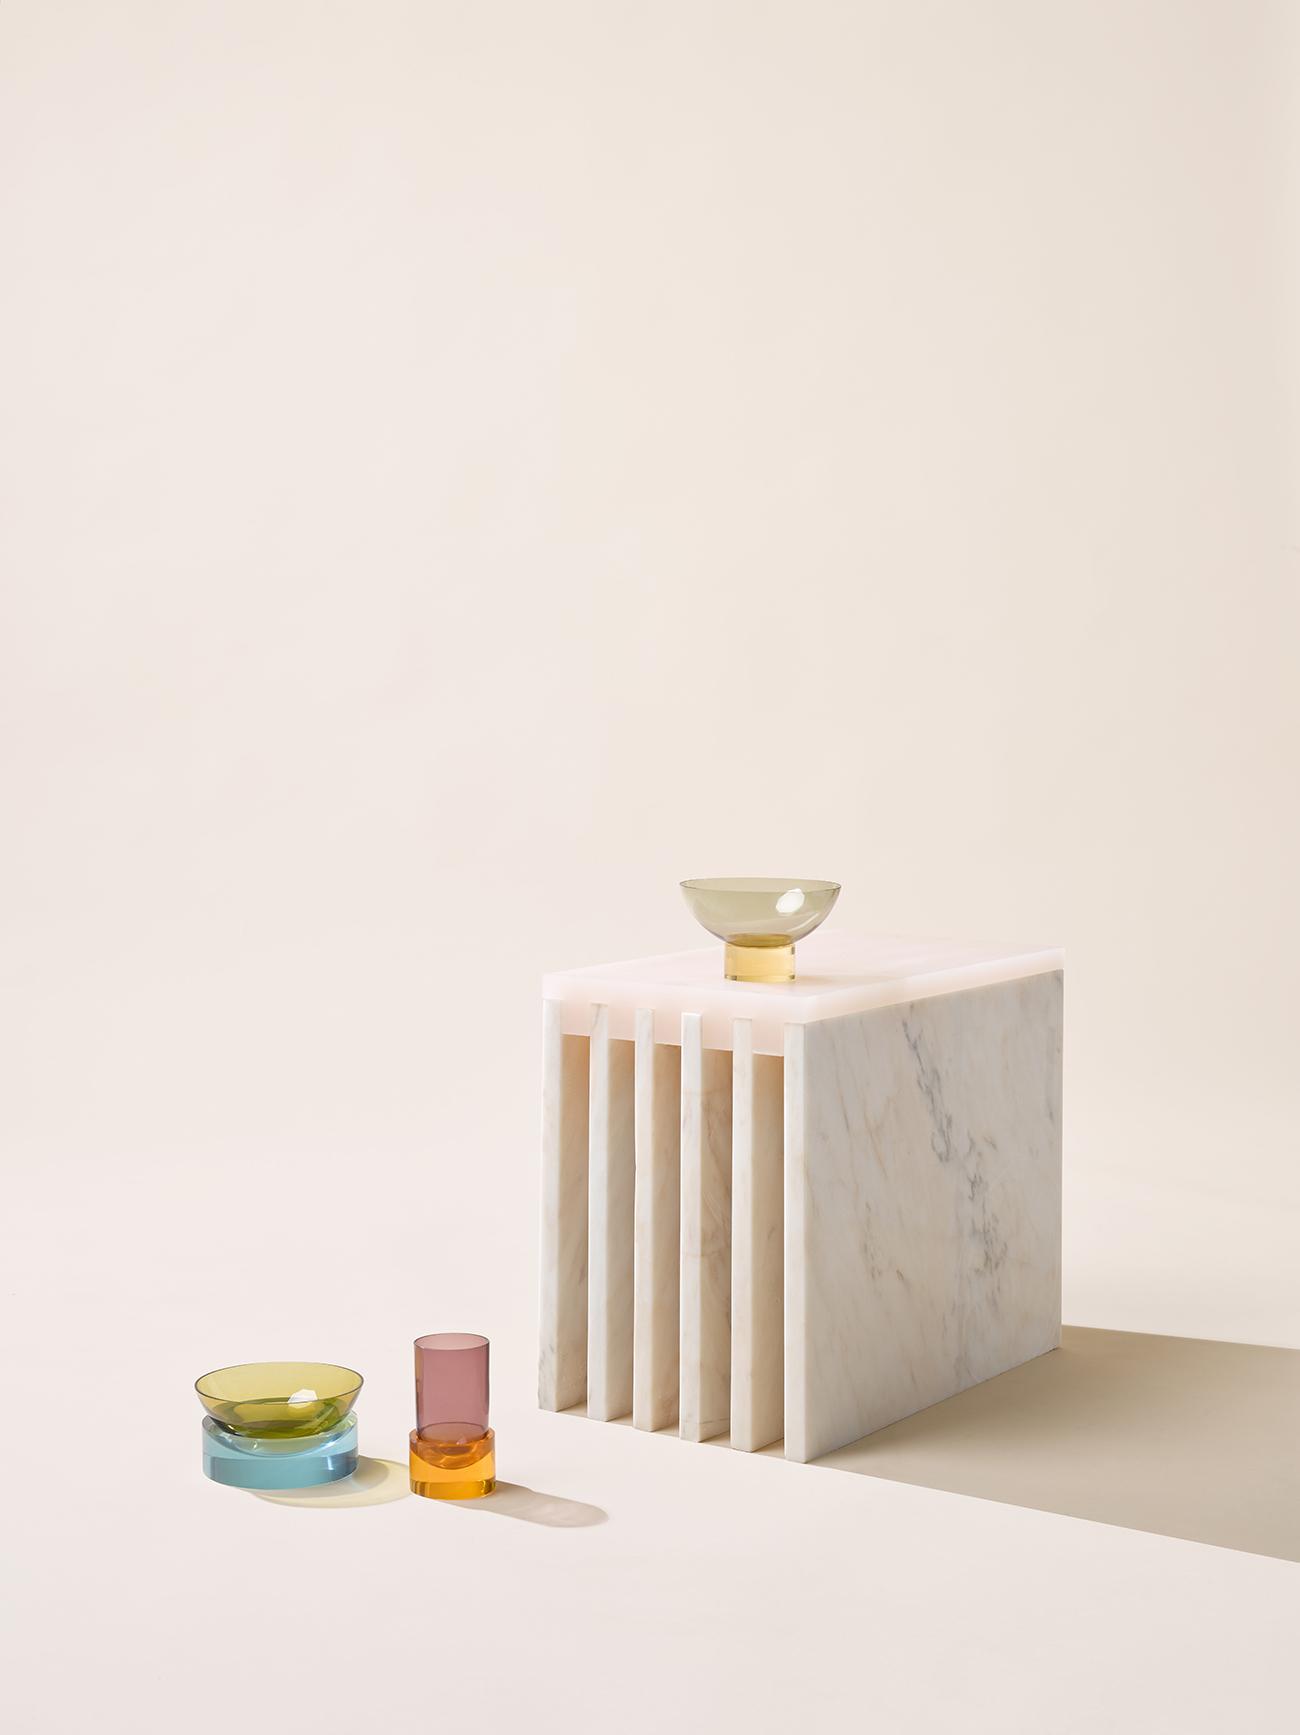 Intervista al duo di designer e architetti di OBJECT OF COMMON INTEREST | Collater.al 9